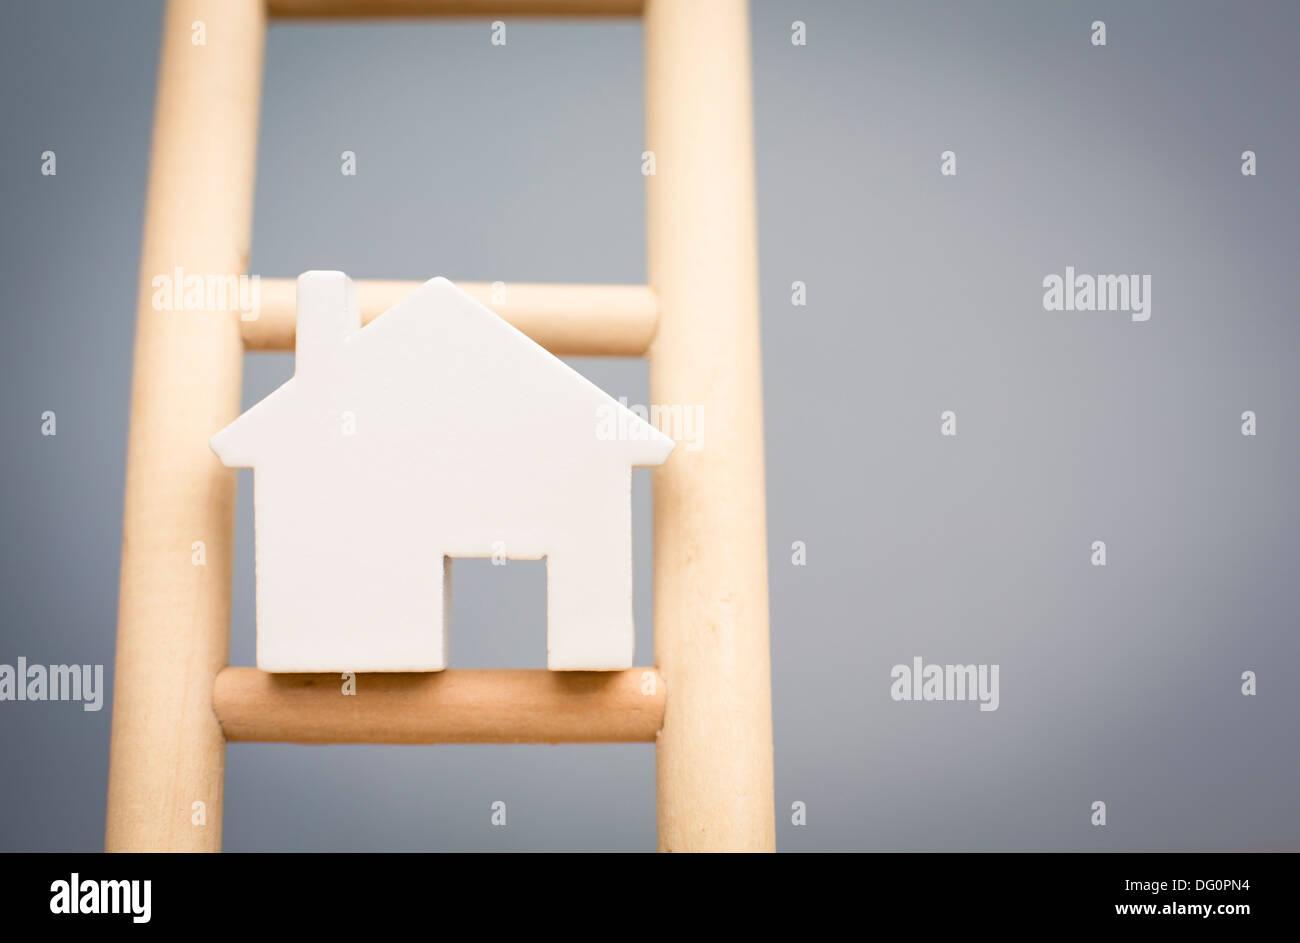 Image pour illustrer le concept du marché du logement Banque D'Images